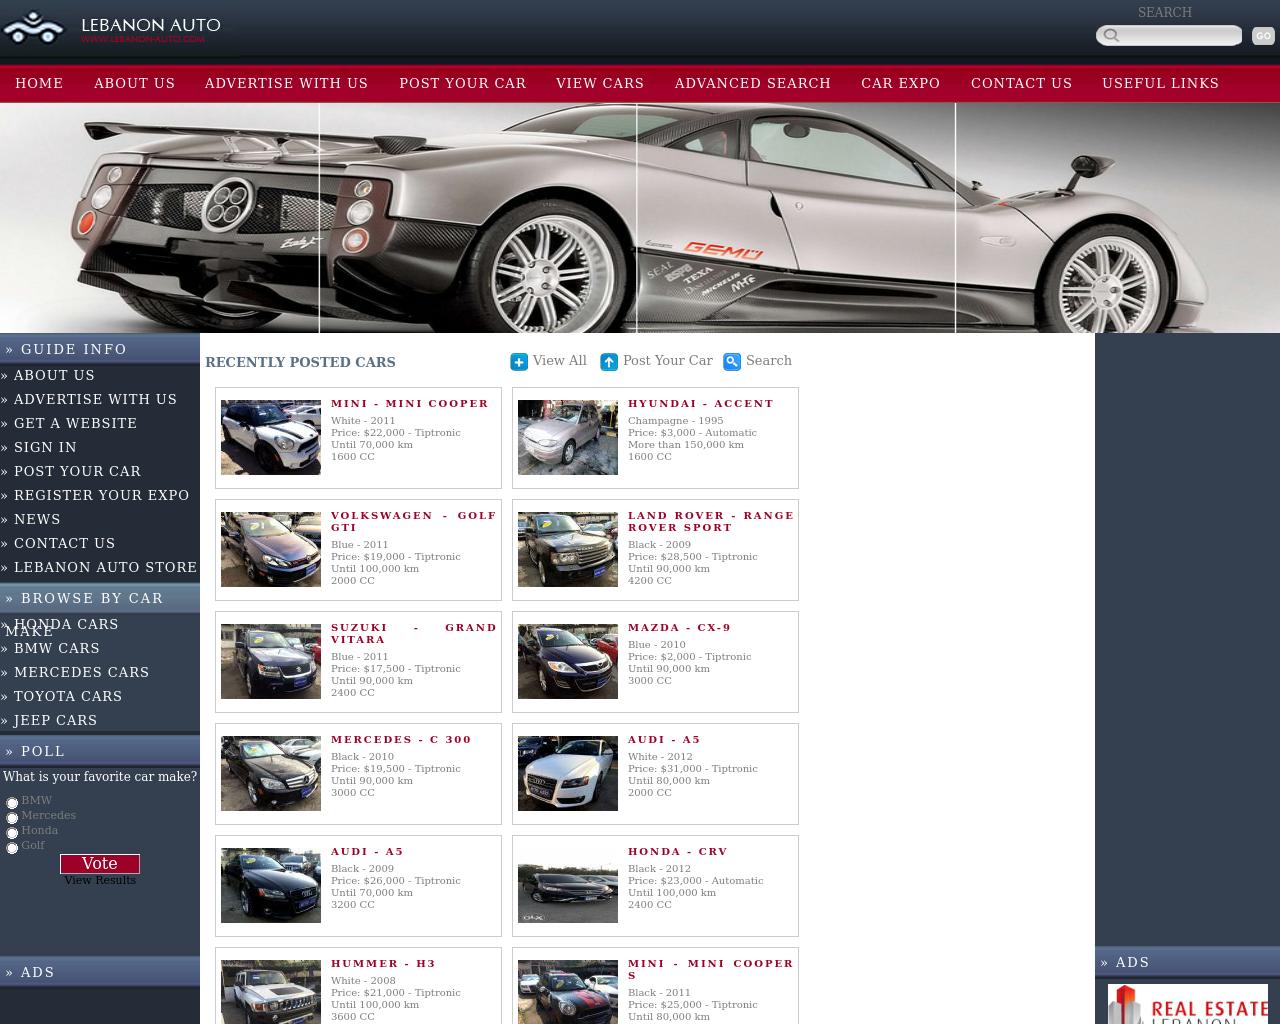 Lebanon-Auto-Advertising-Reviews-Pricing